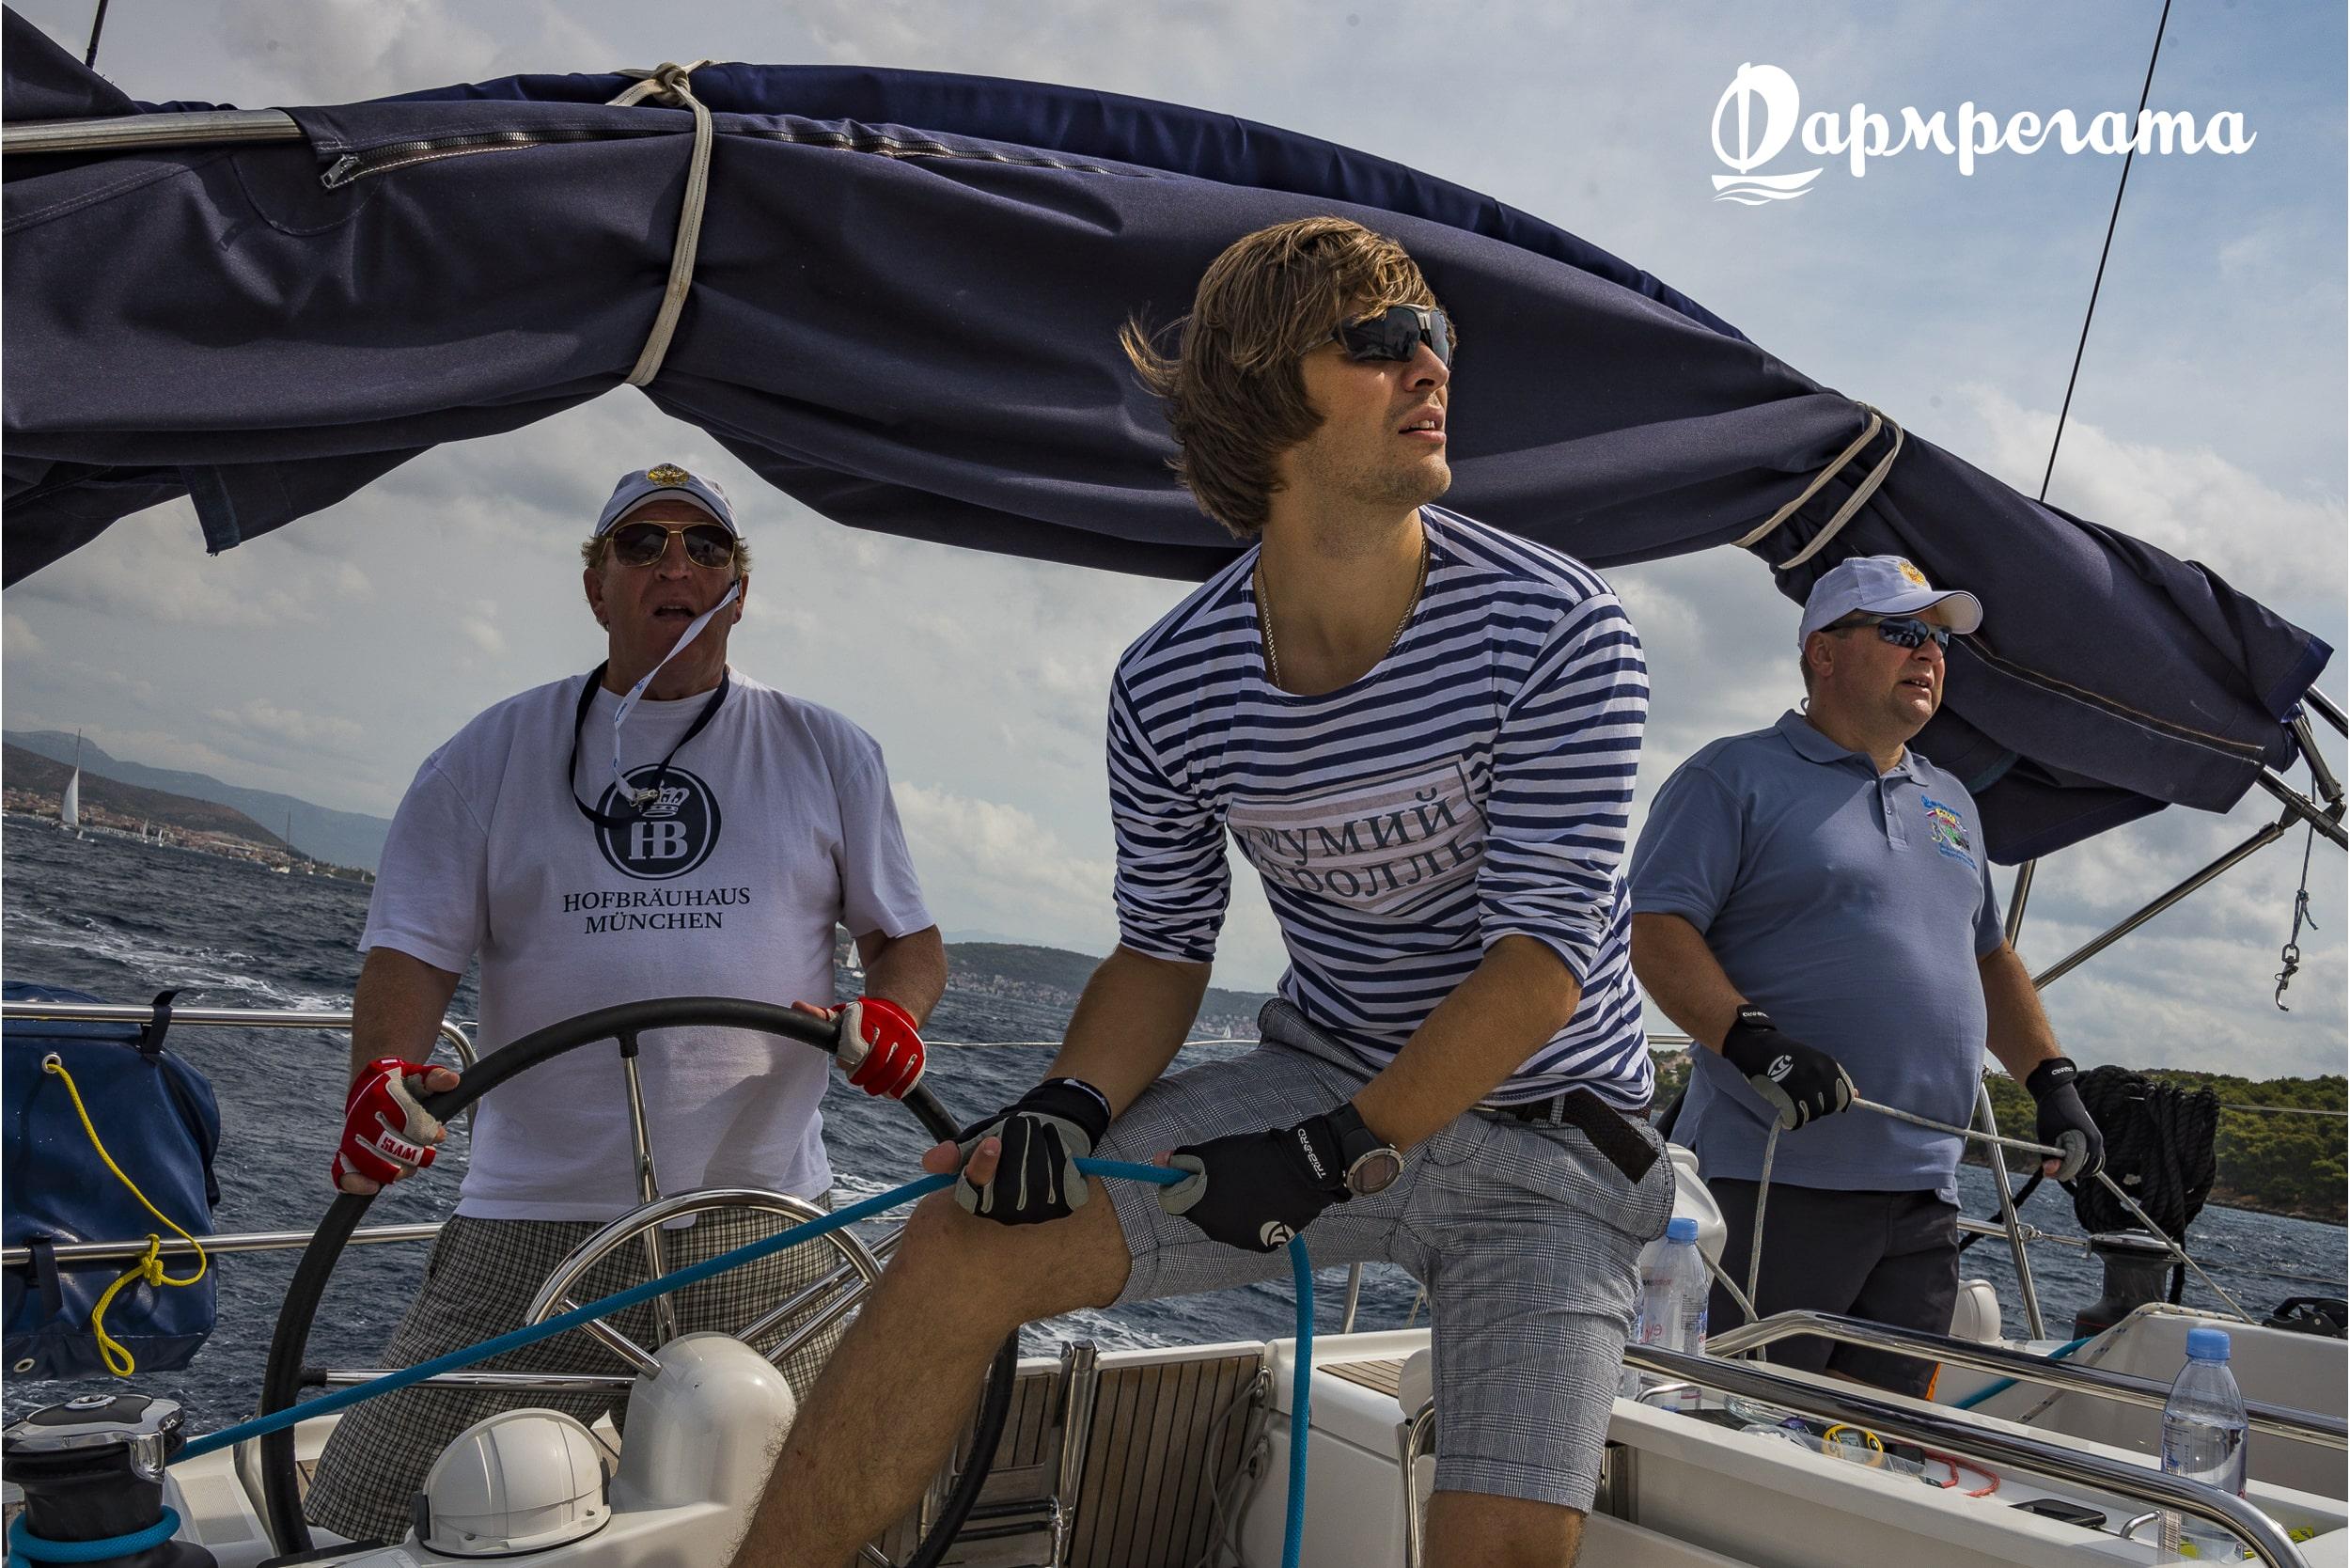 Экипаж яхты, путешествие - ДСМ групп Фармрегата 2017 - DSM Group Pharmregata 2017